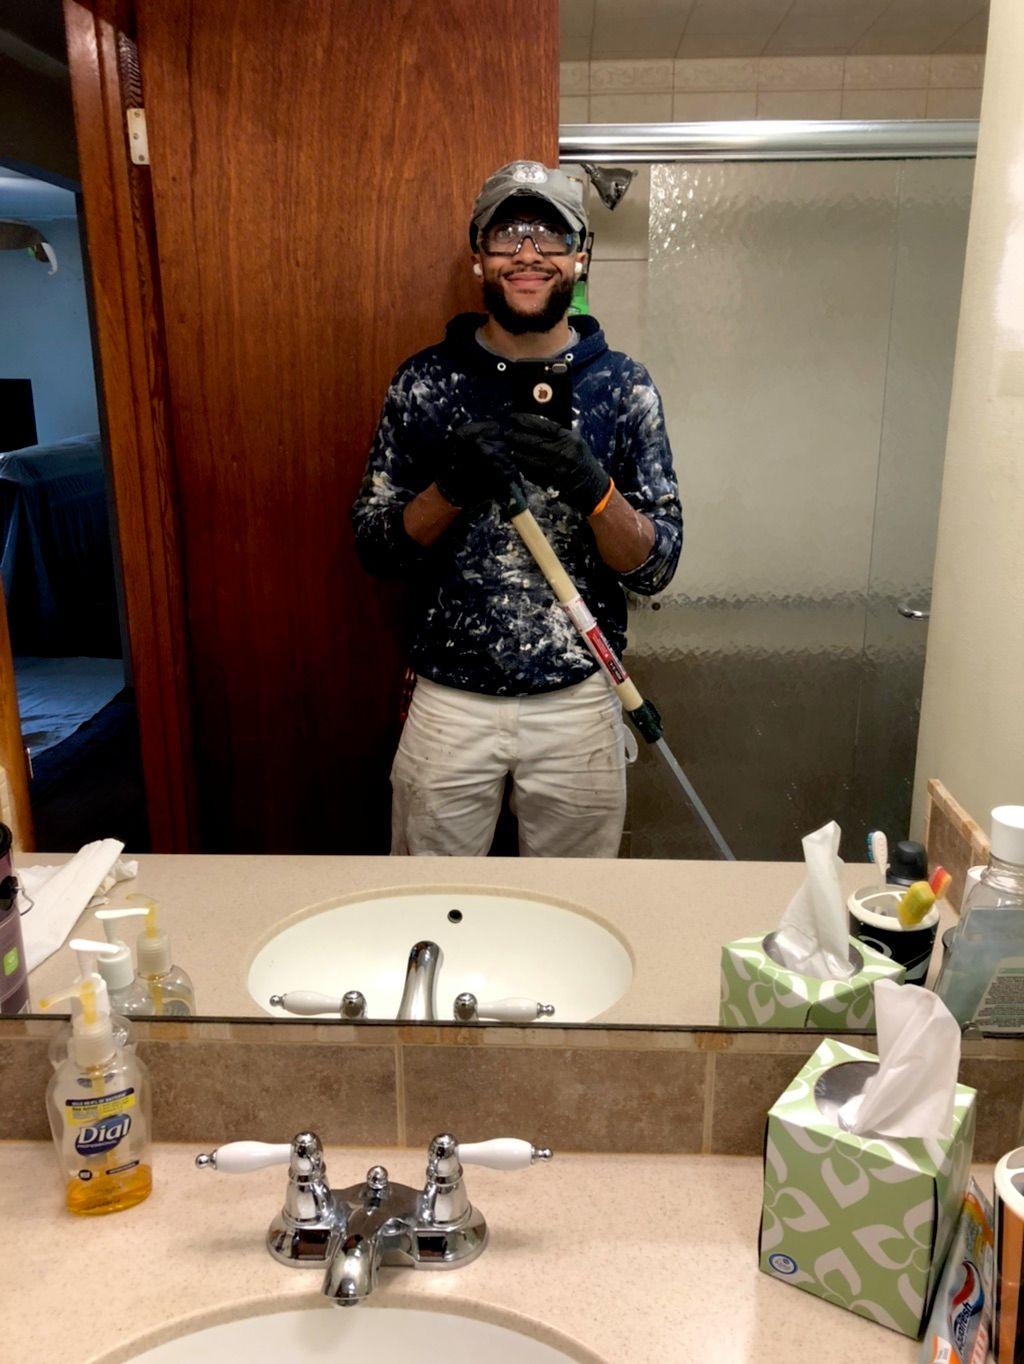 Blue Hoodie Handyman